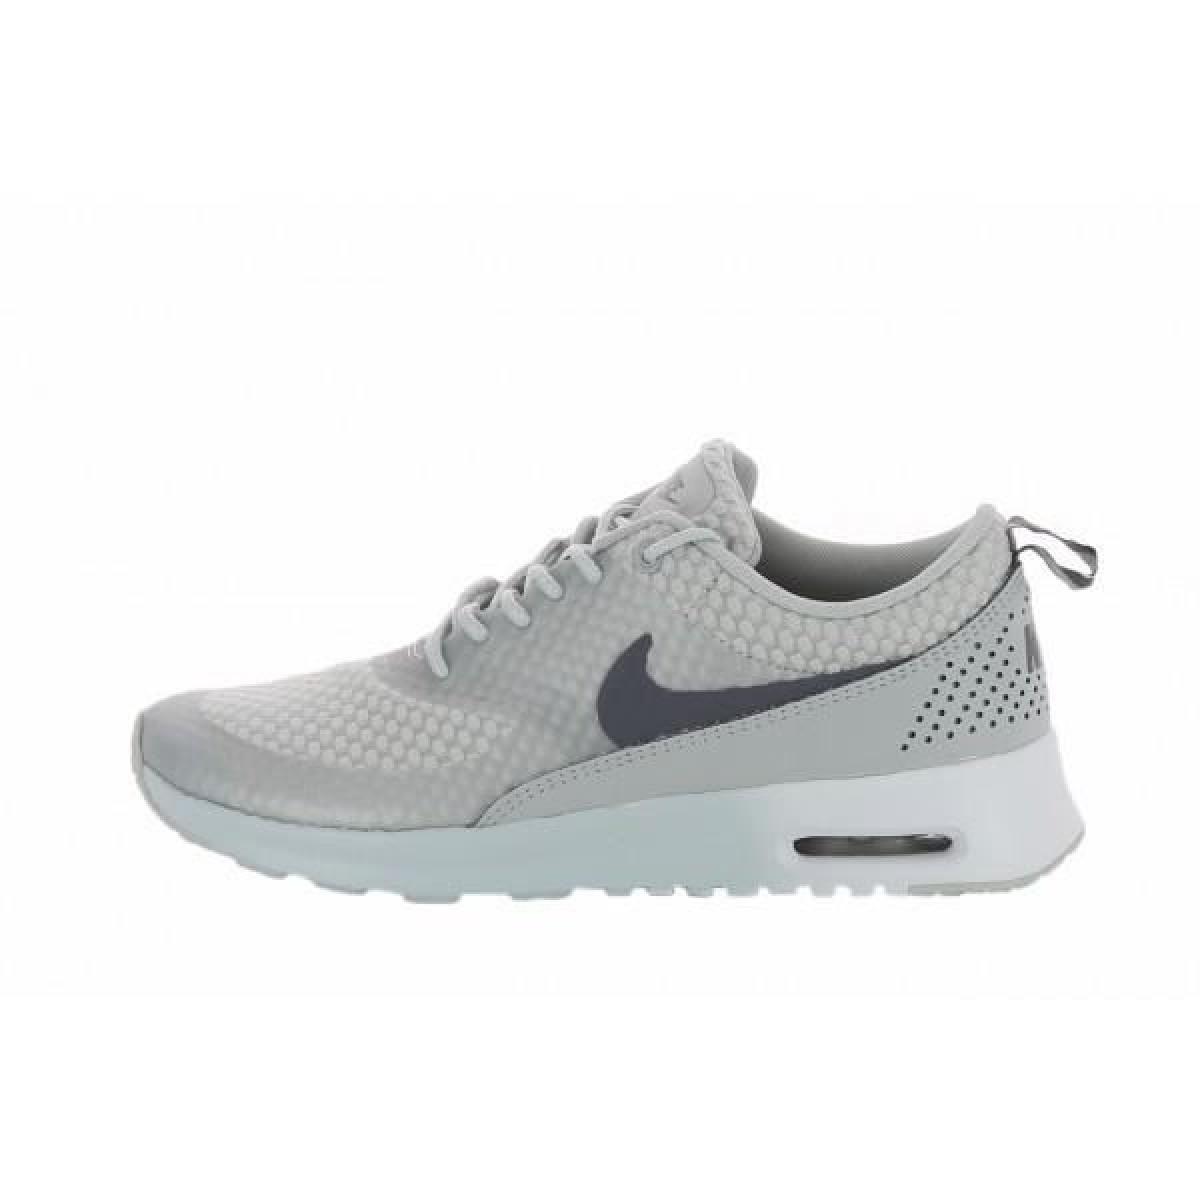 air max thea homme soldes,Achat Vente produits Nike Air Max Thea Homme